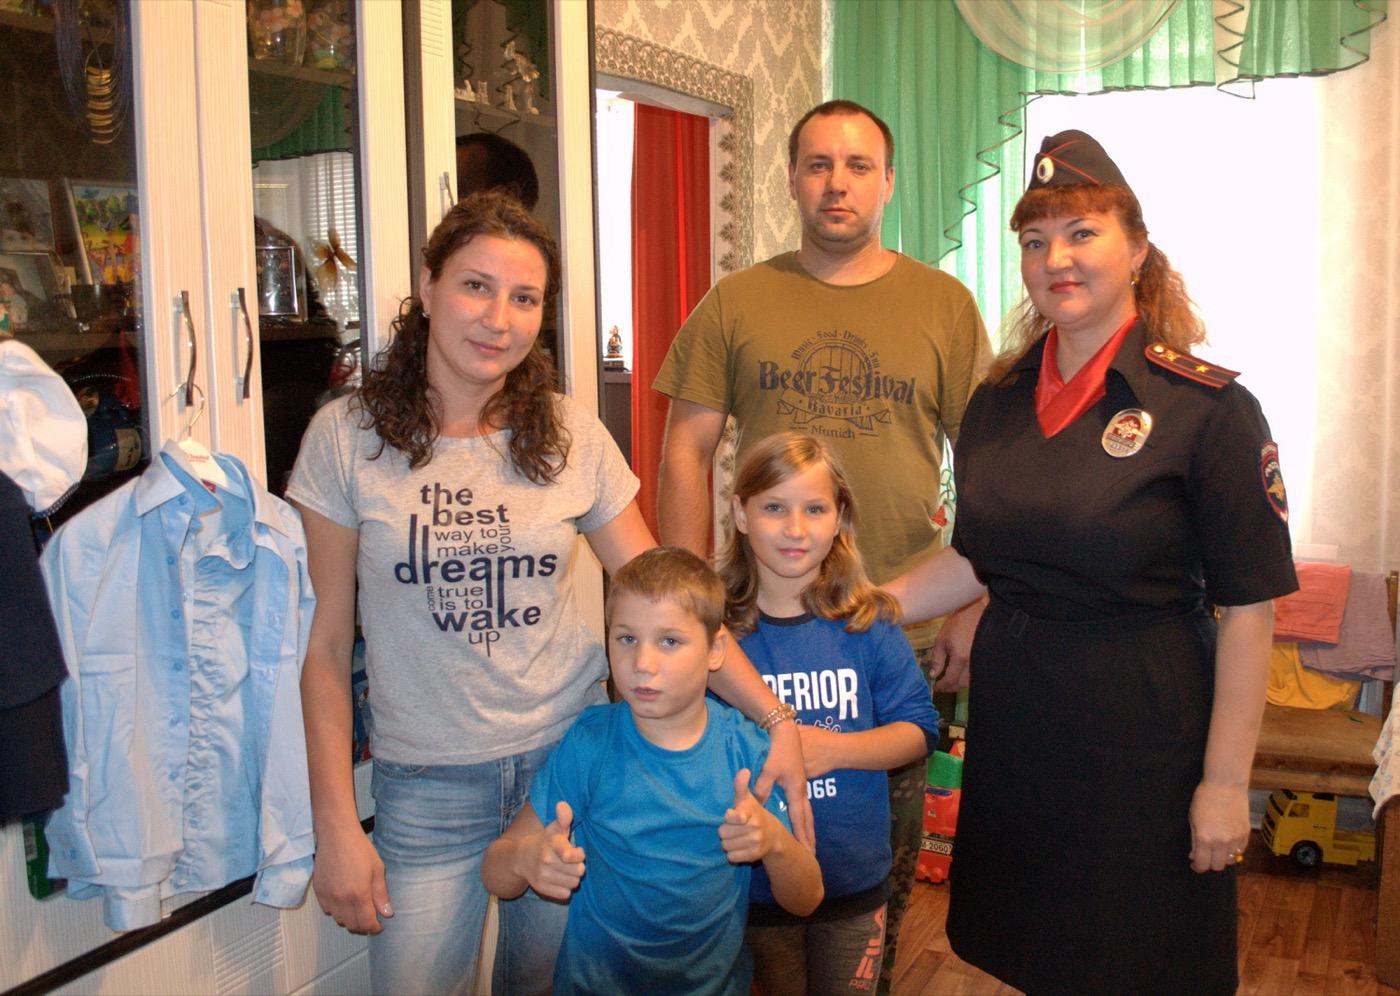 Полицейские и общественники провели в Коломне акцию «Подучётные семьи»